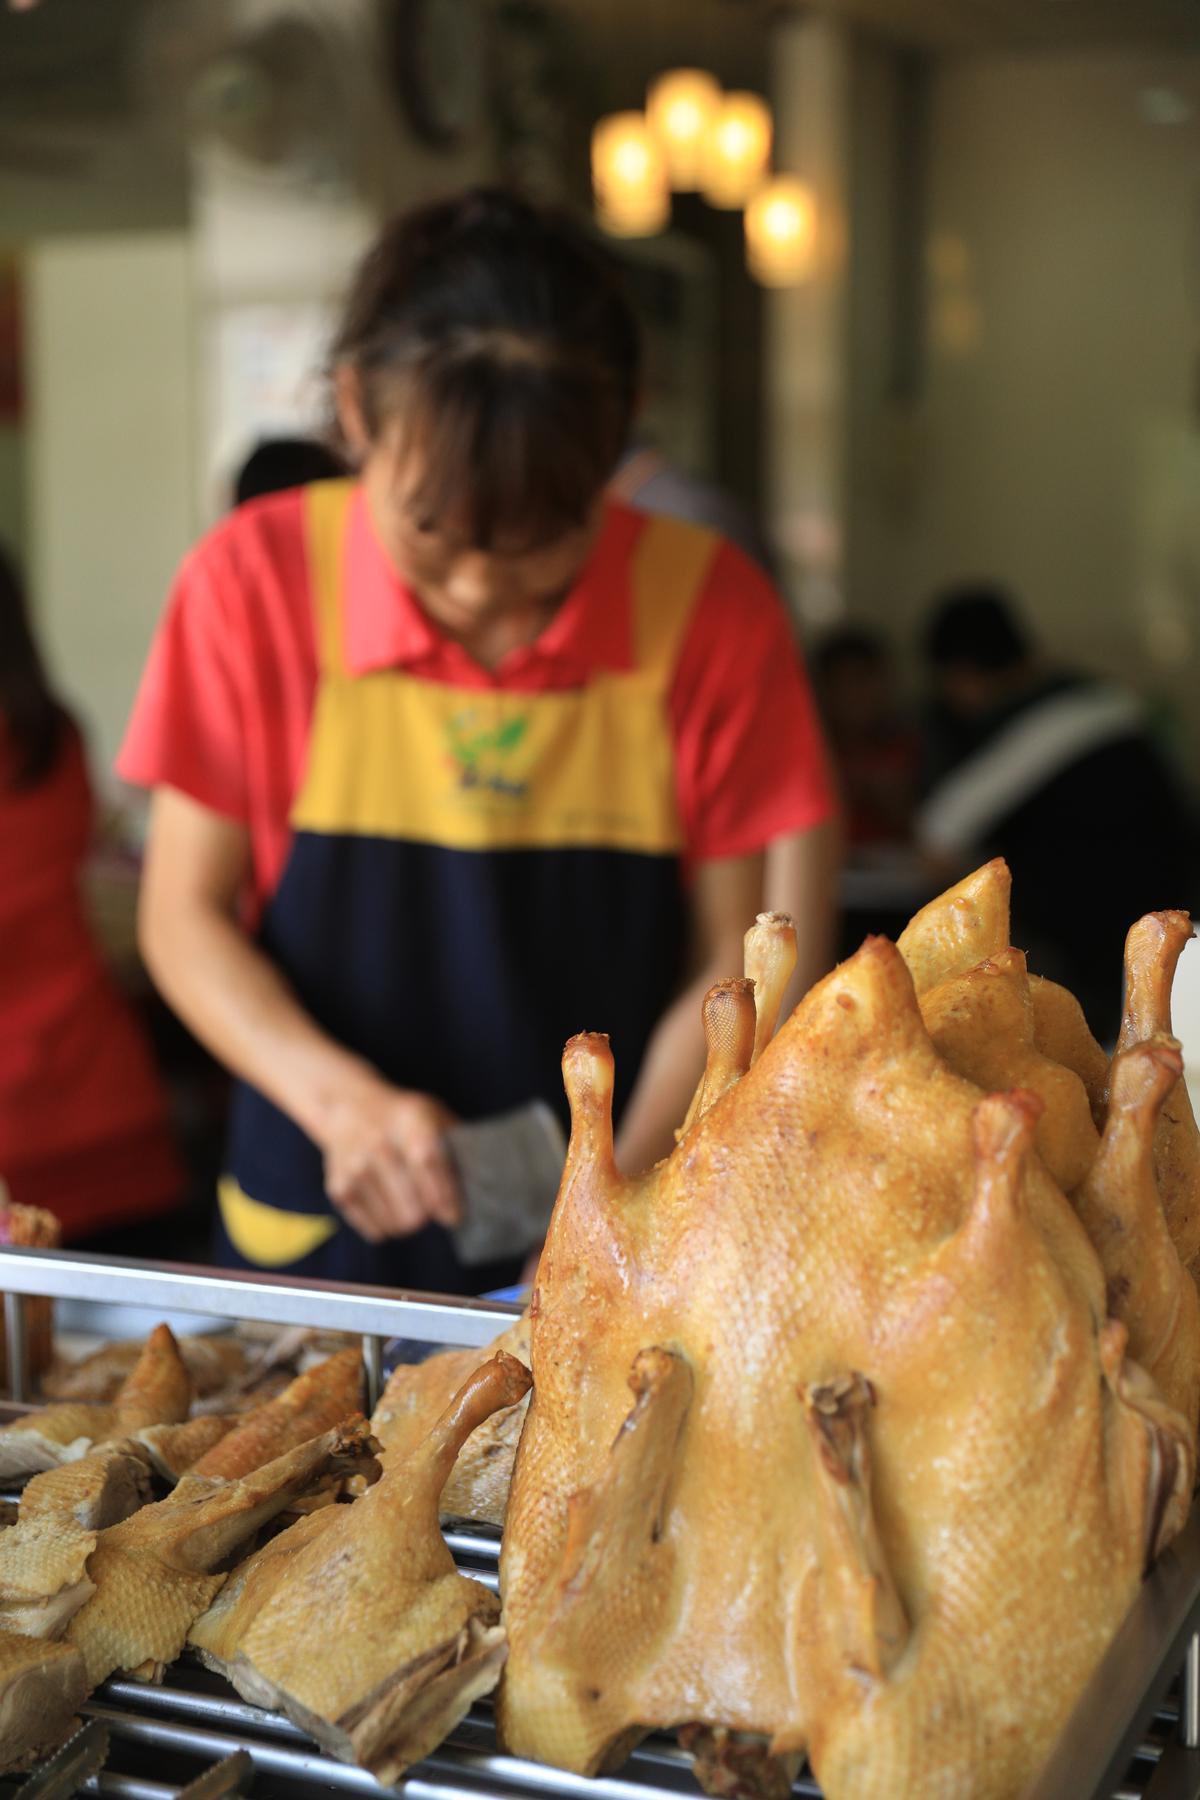 鴨肉都用每天新鮮處理的溫體鴨製作,才會鮮嫩甘甜。